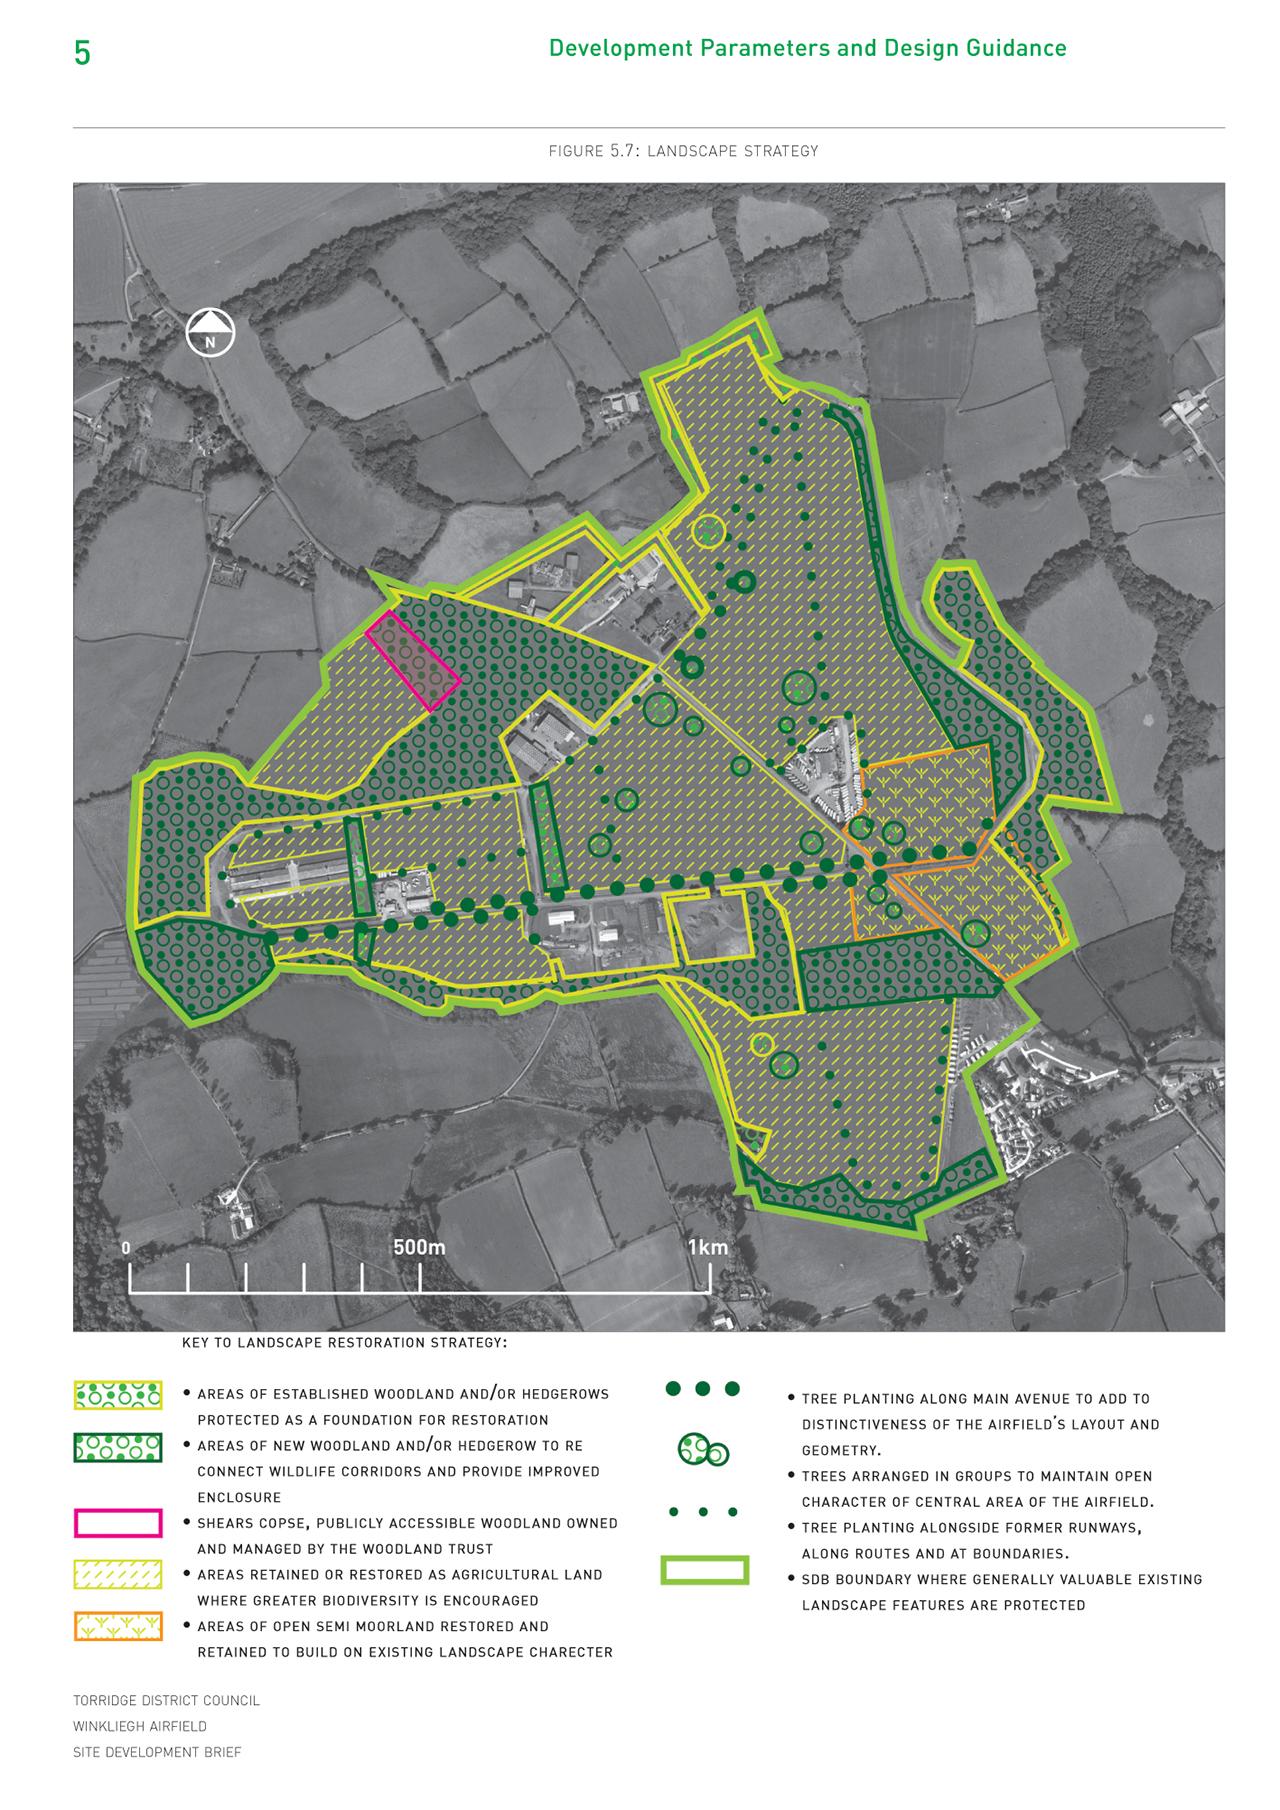 Winkliegh Airfield - Site development brief